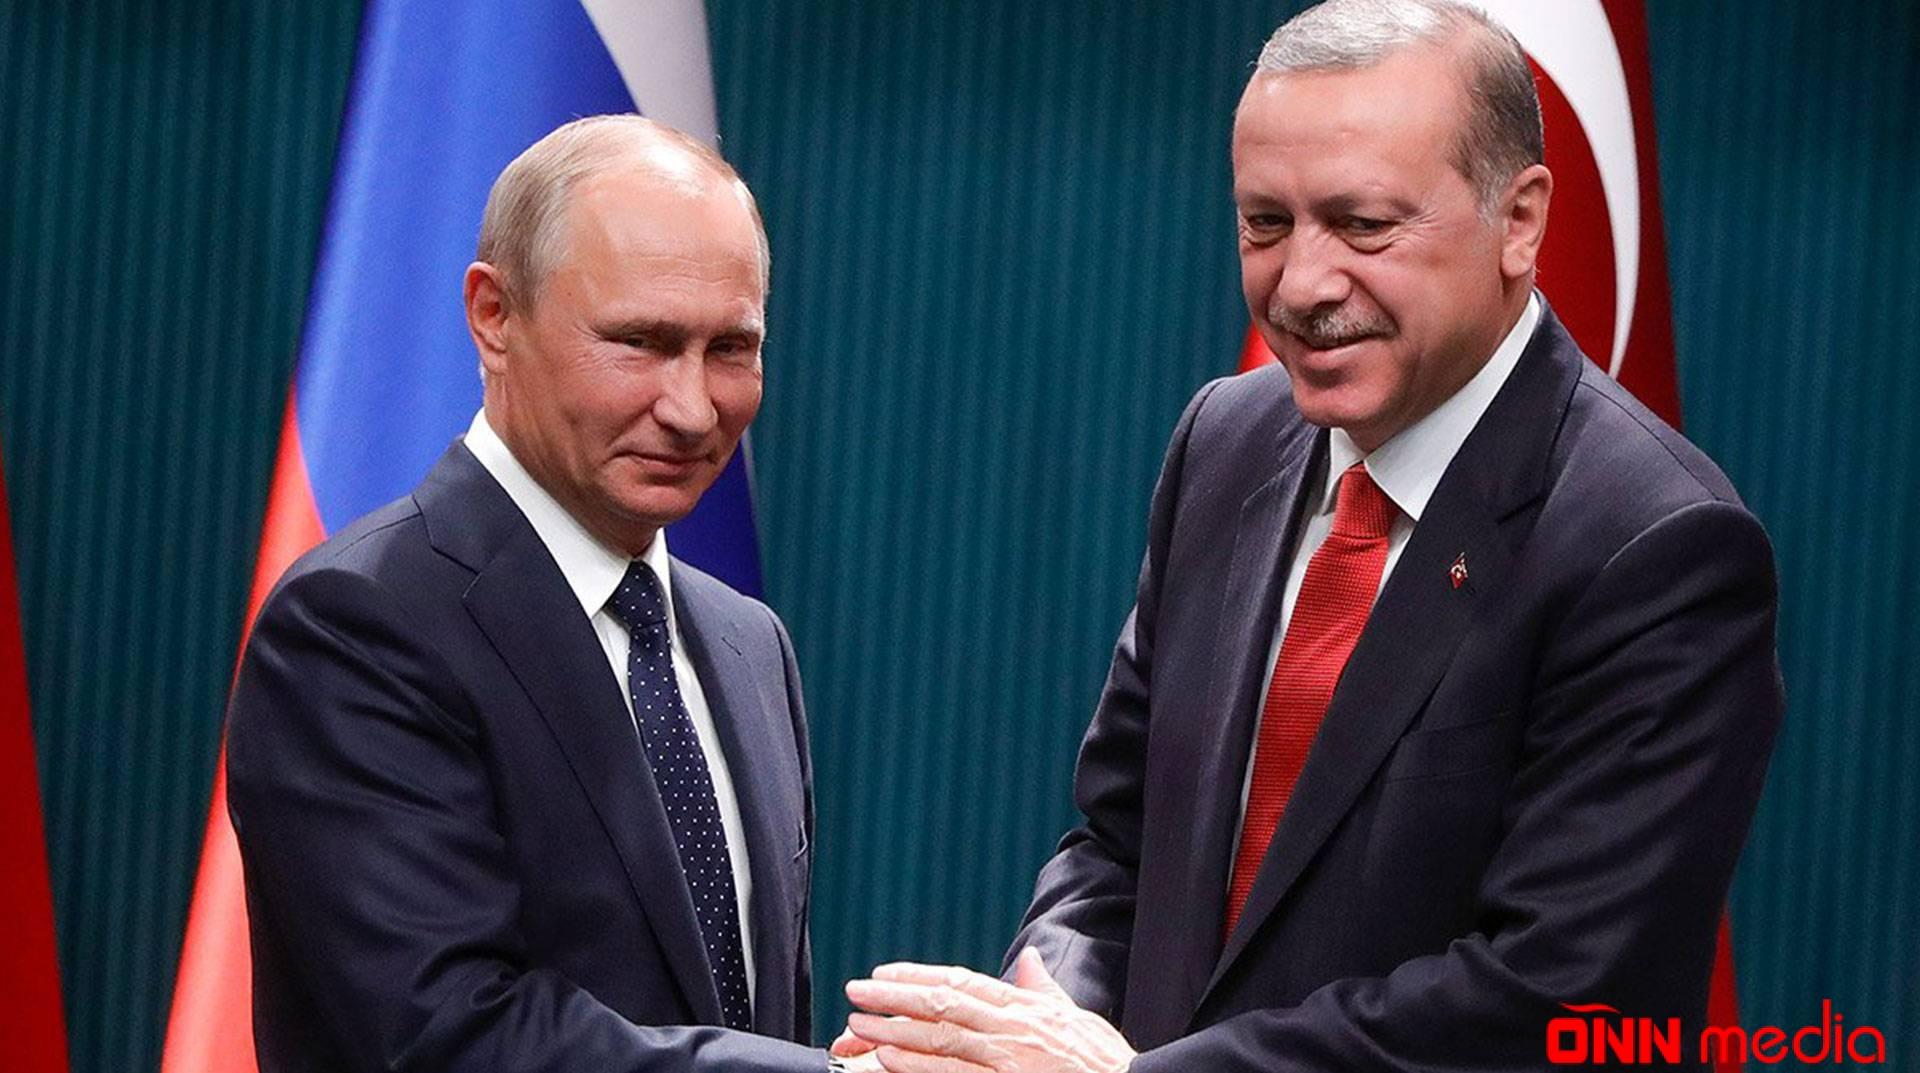 Ərdoğanla Putin arasında KRİTİK QARABAĞ MÜZAKİRƏSİ